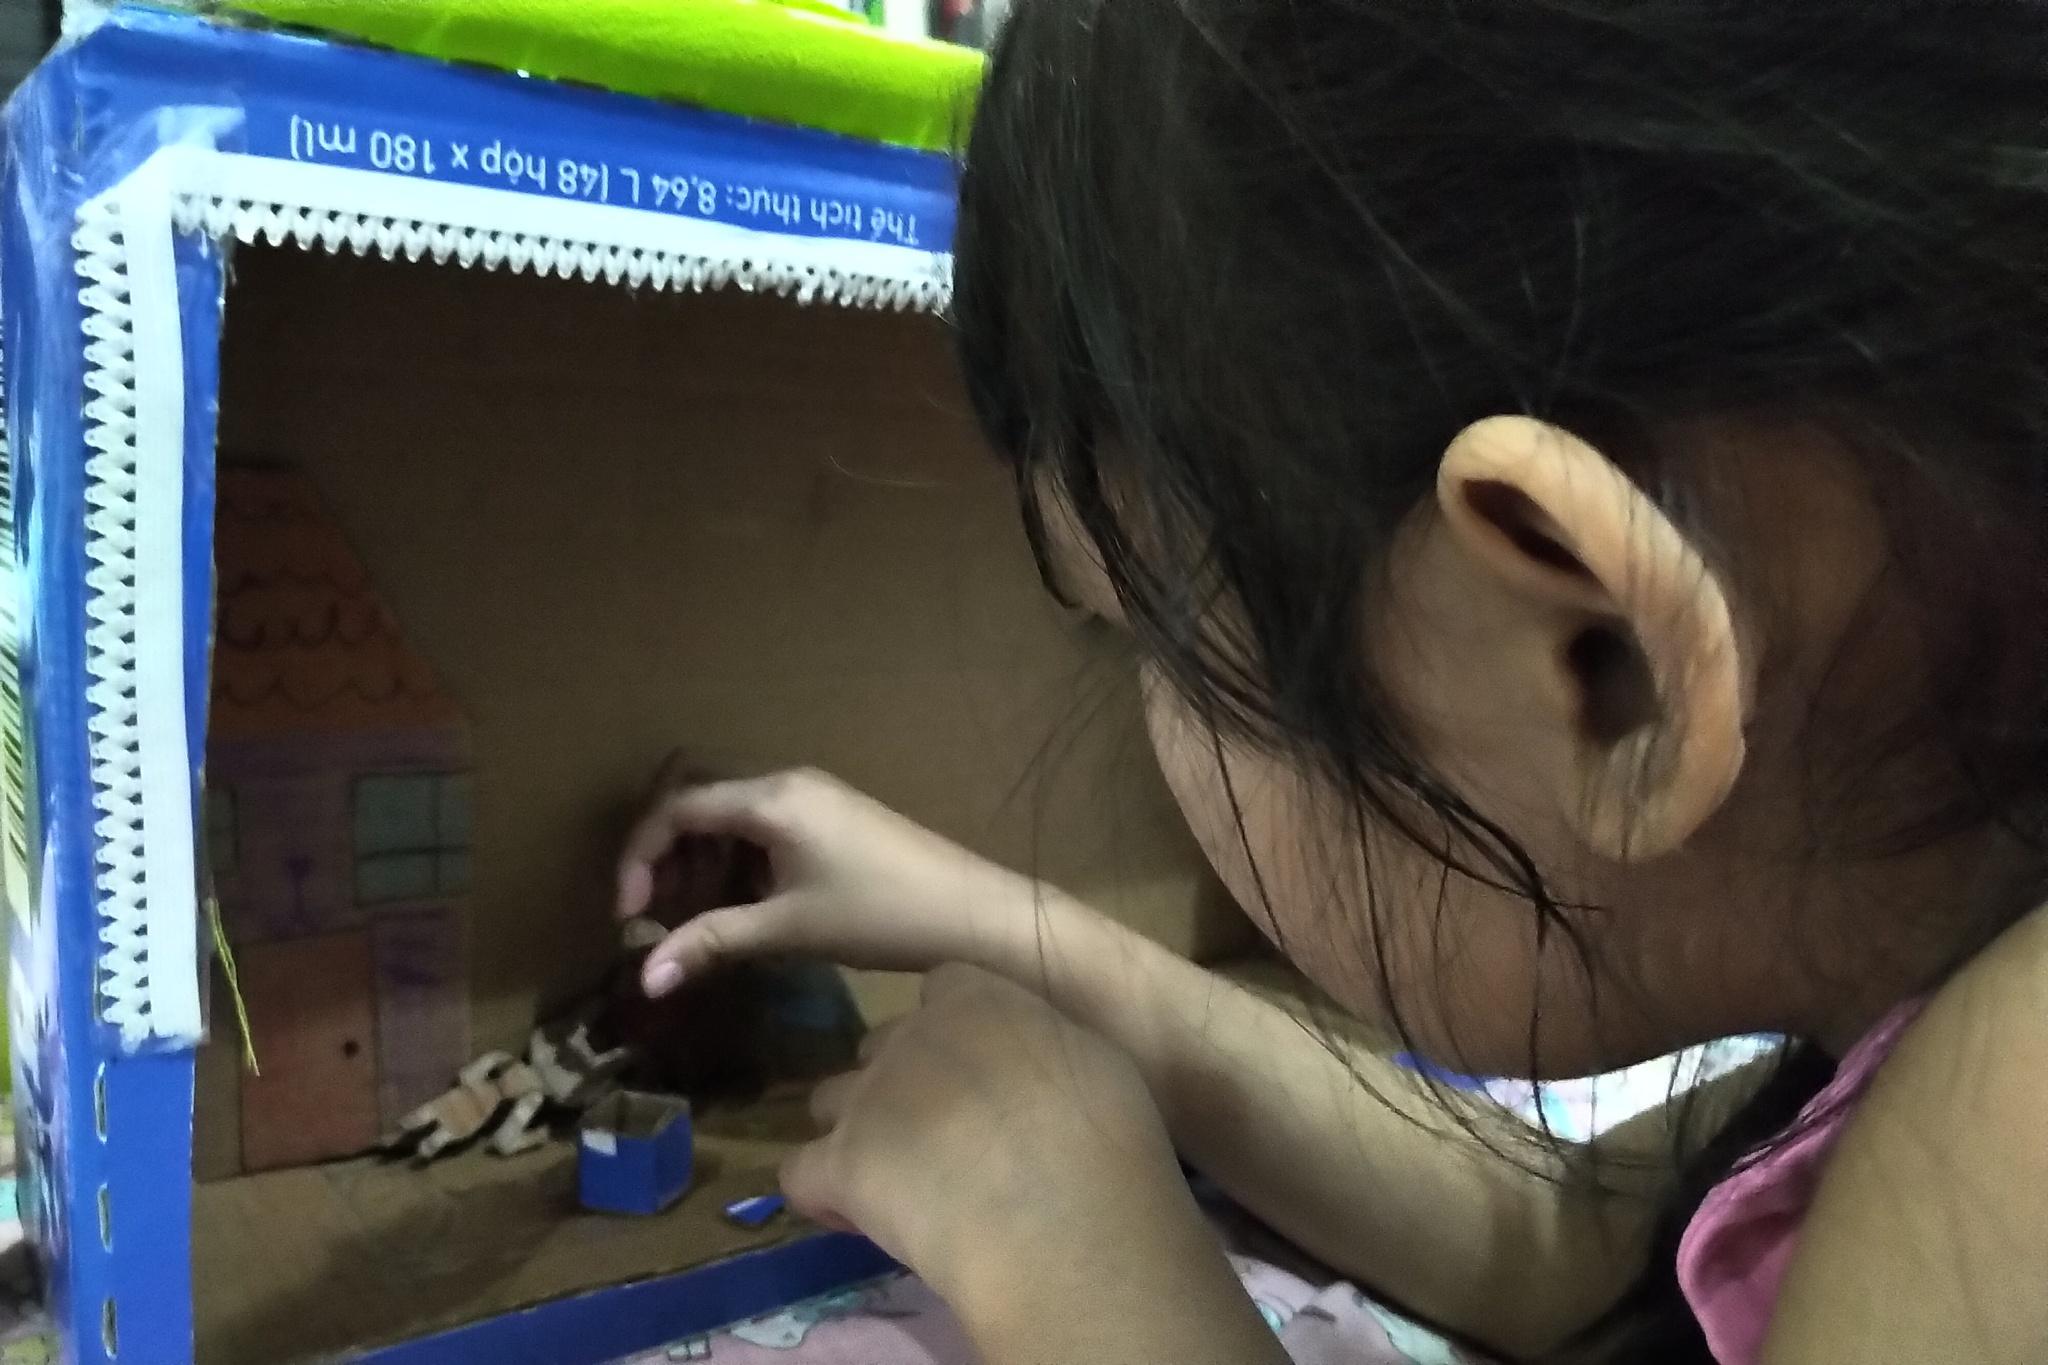 Trong mùa dịch, trẻ em ở trong nhà nhiều, cũng là cơ hội để bố mẹ chơi cùng con /// Đăng Nguyên